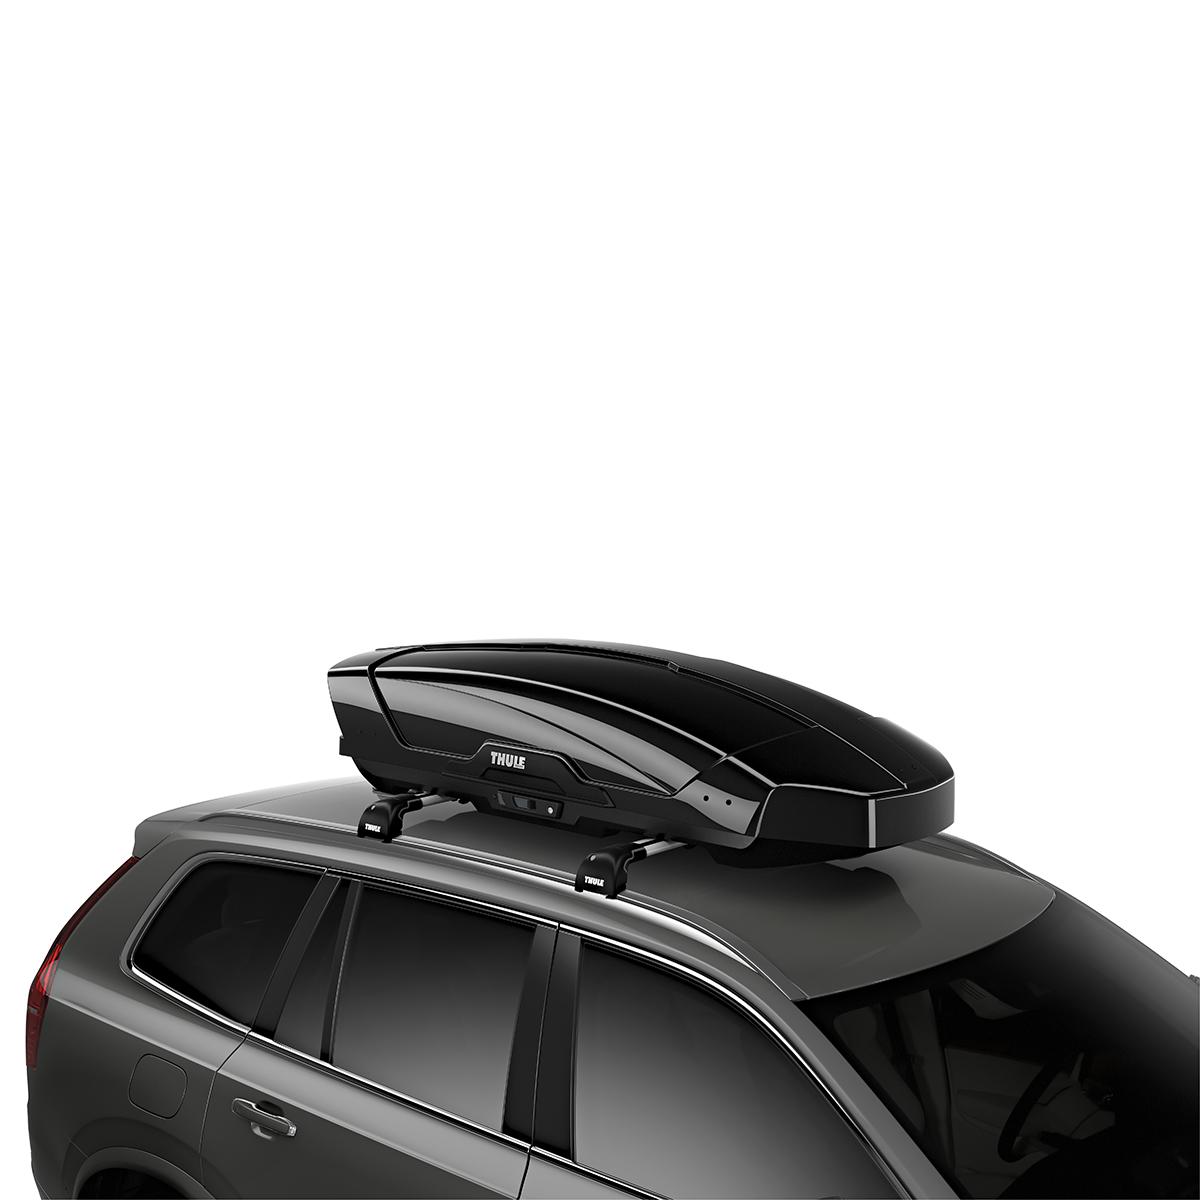 Fonkelnieuw Thule Motion XT Sport 600 Roof Box HL-51